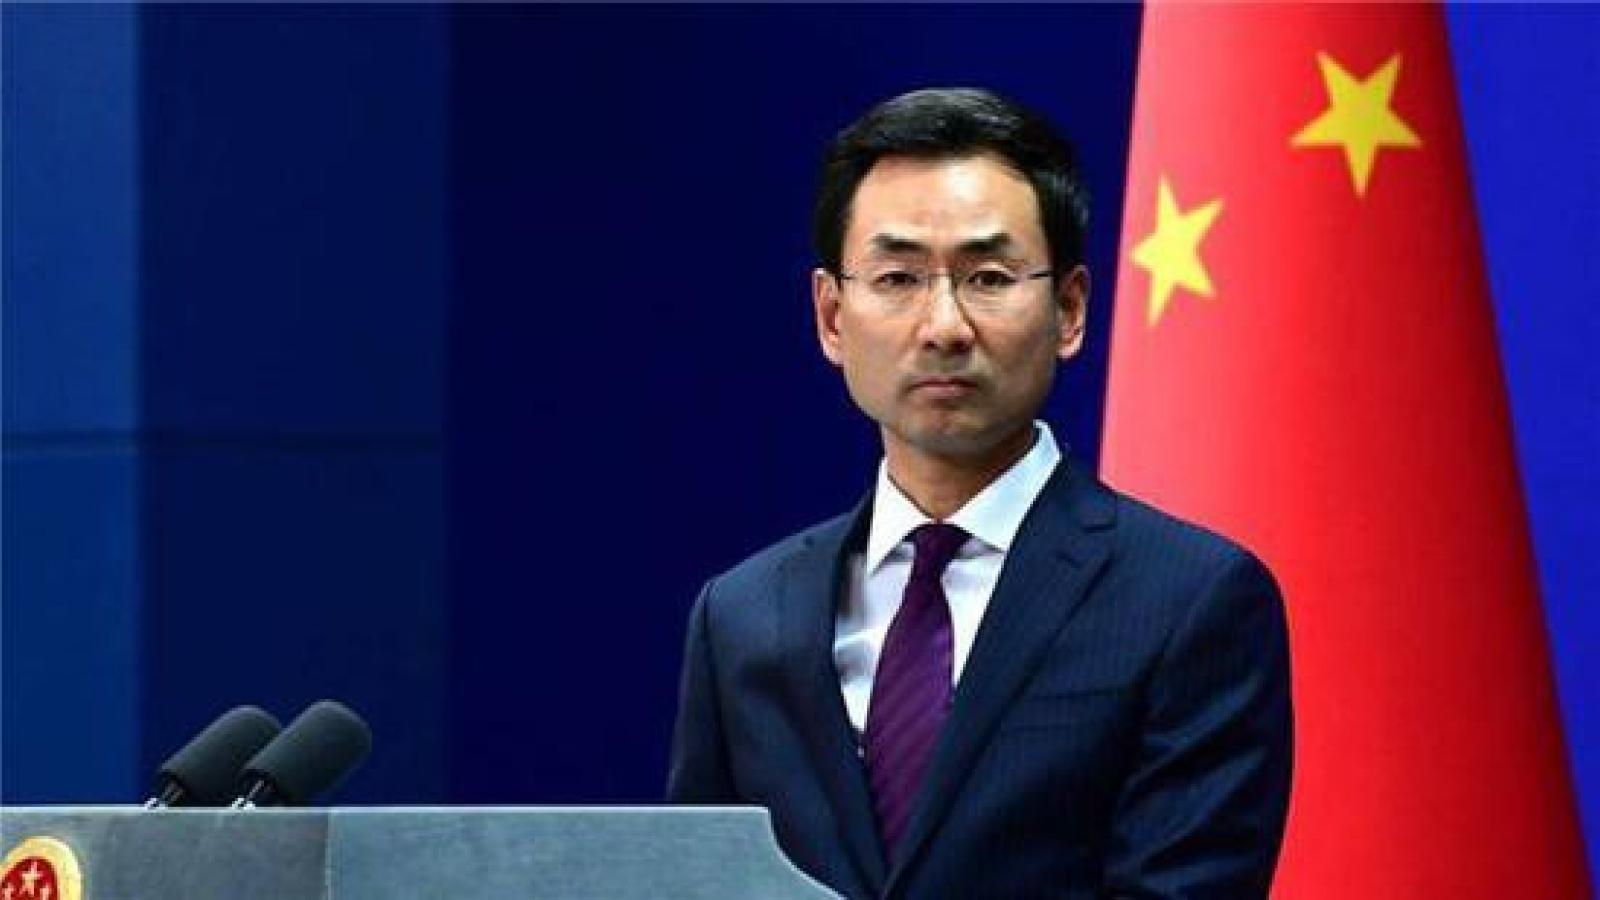 Trung Quốc tuyên bố góp thêm 30 triệu USD cho WHO chống Covid-19